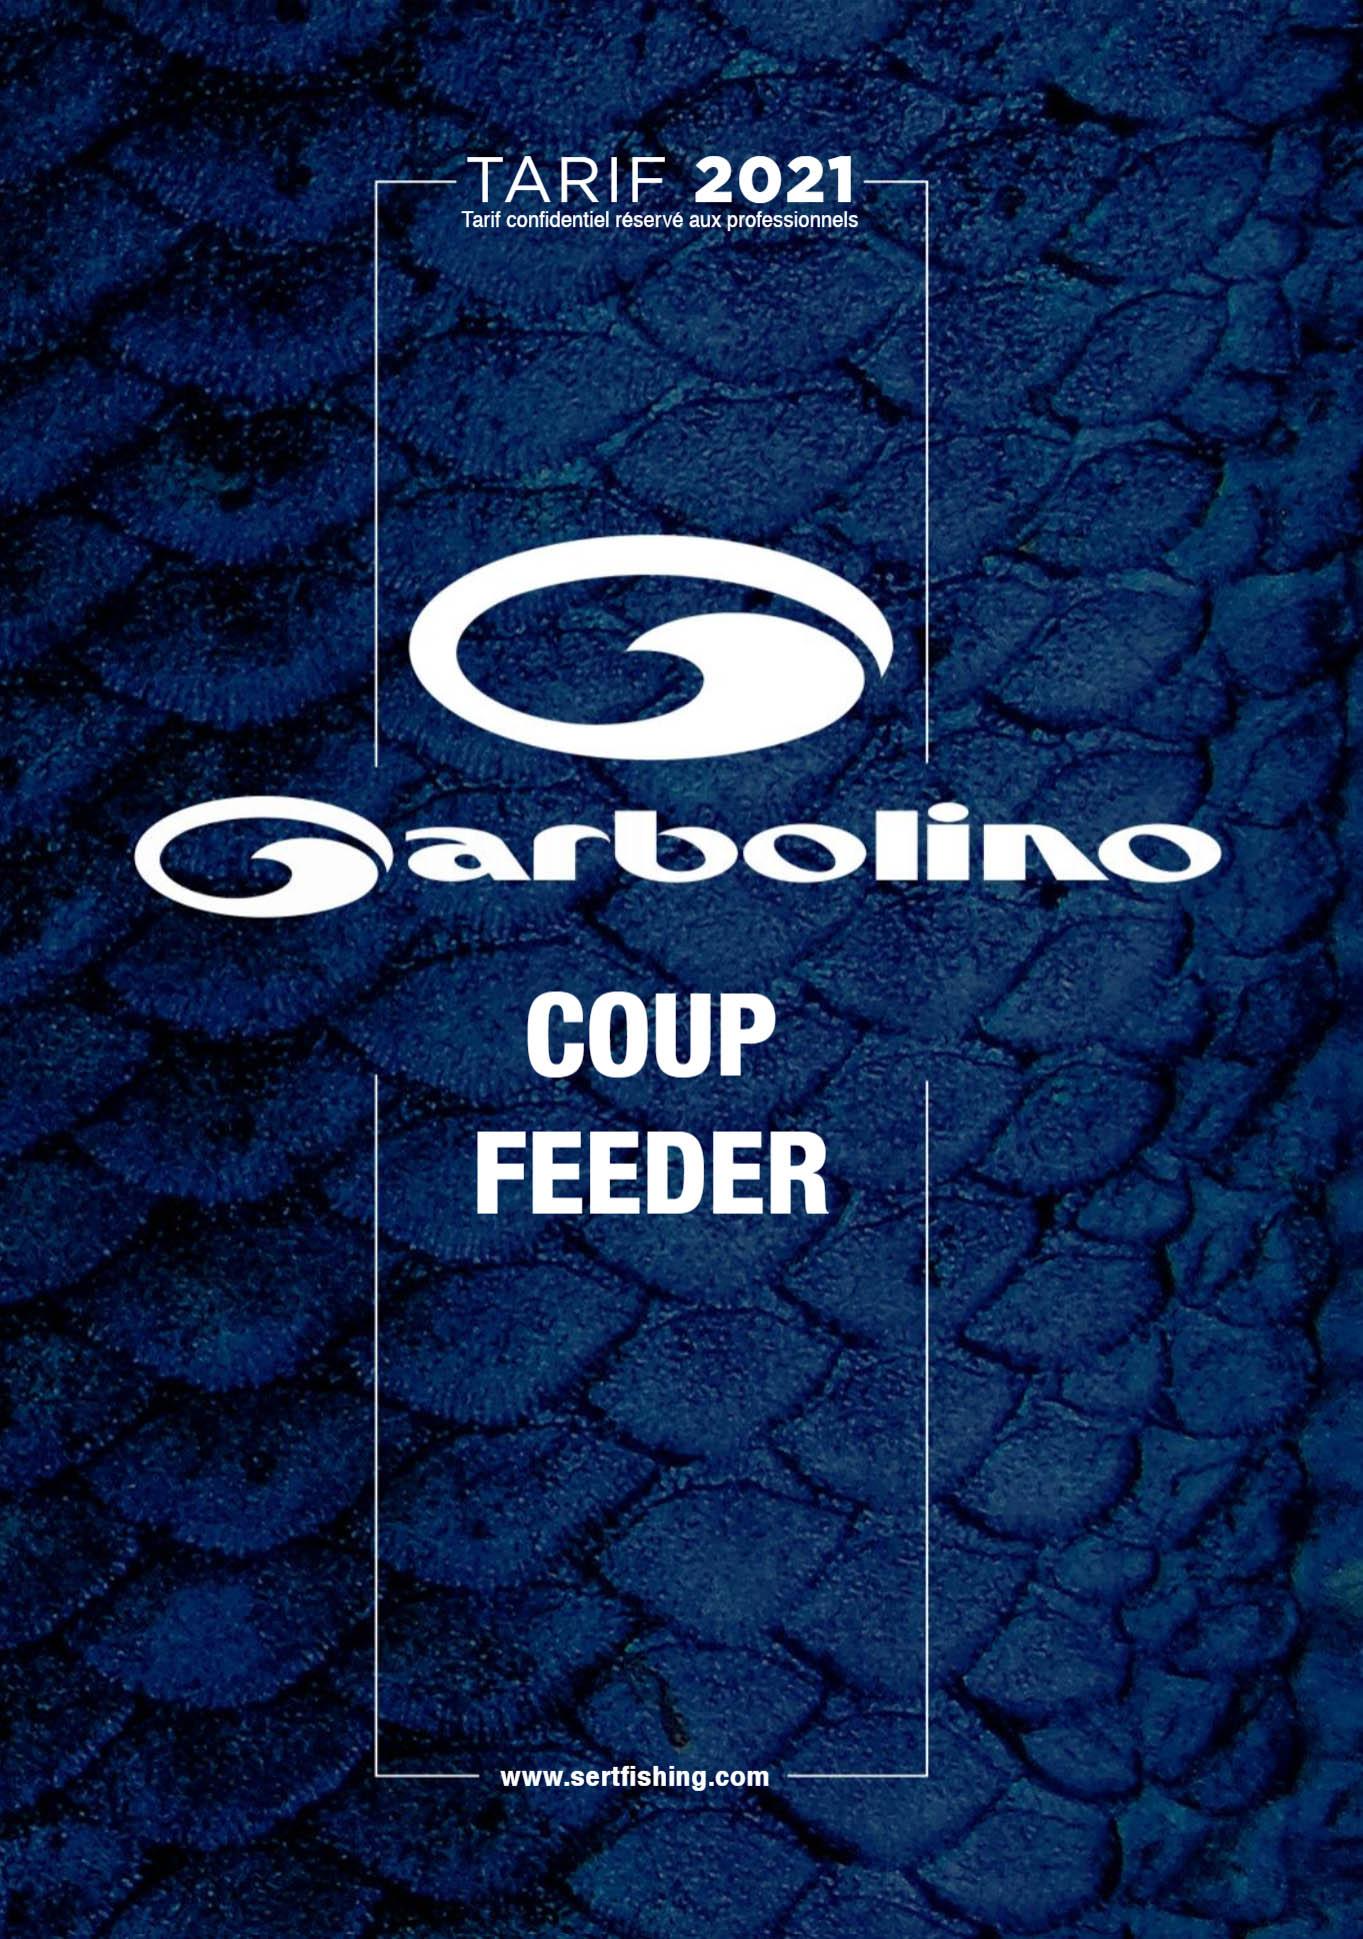 Catálogo GARBOLINO COUP & FEEDER 2021